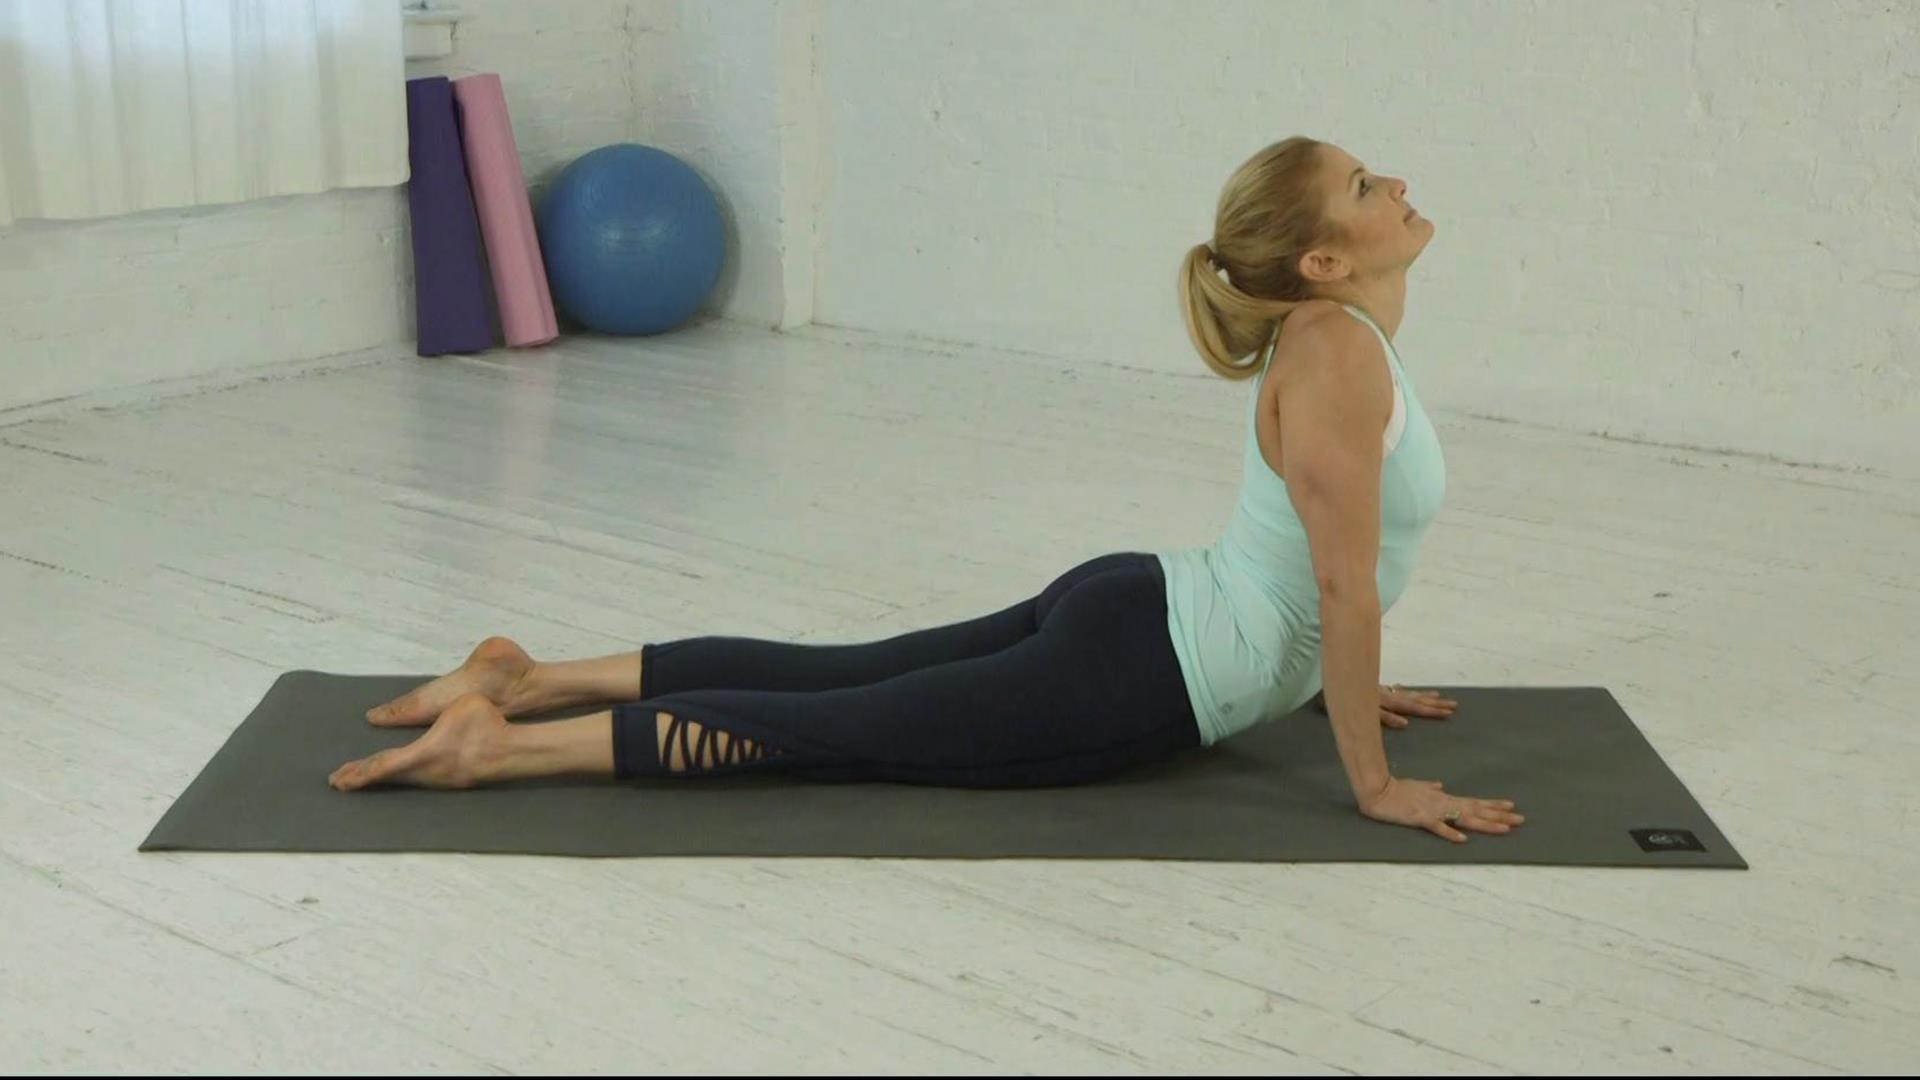 La meditación y el Yoga Realmente Cambiar Nuestro ADN, el Estudio Encuentra - NBCNews.com 1